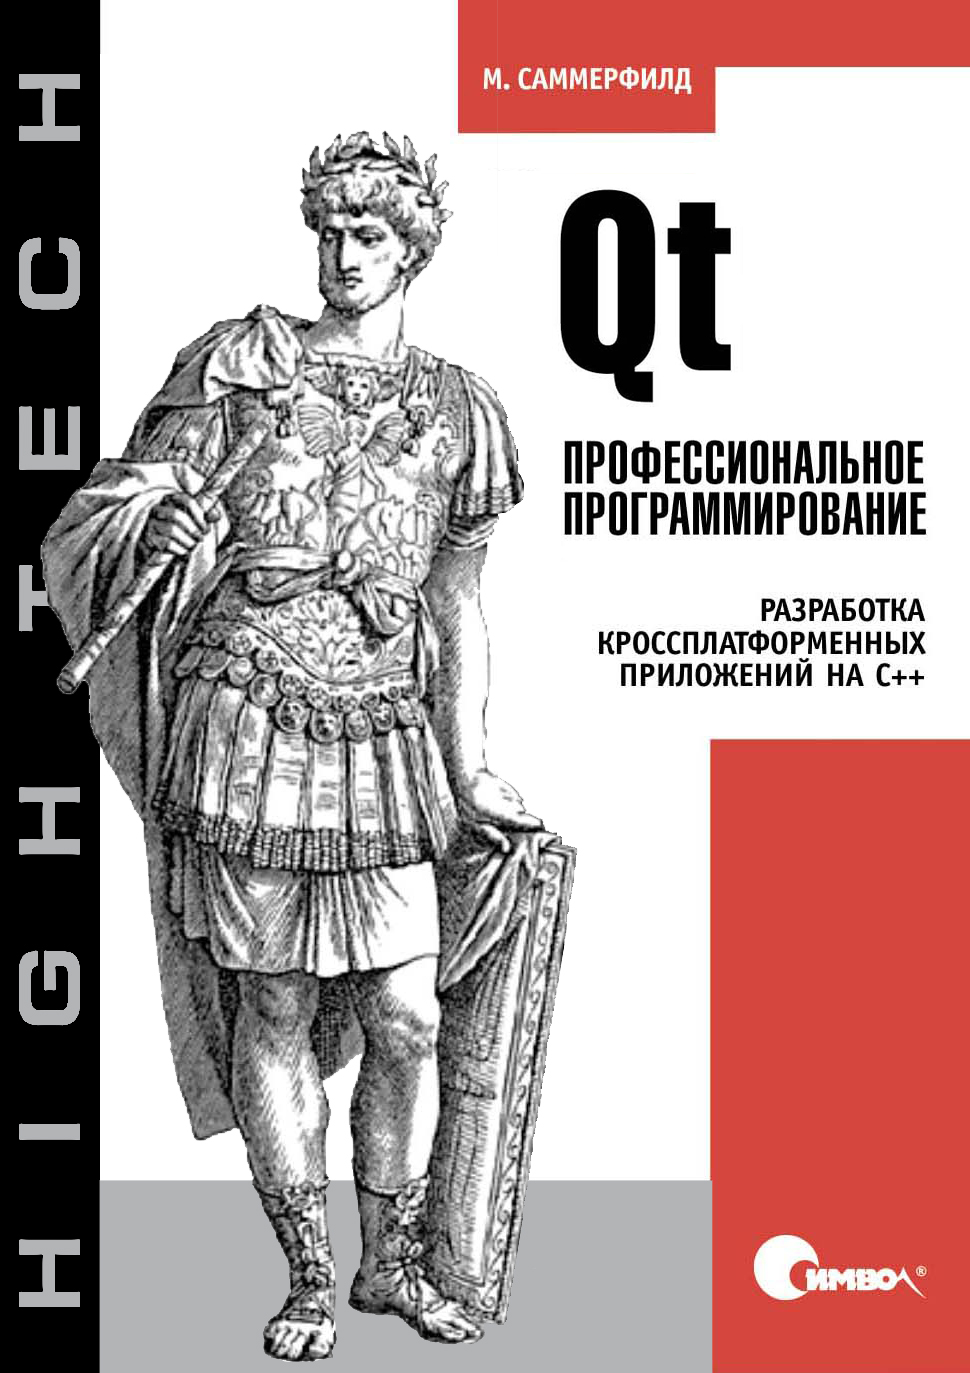 Qt. Профессиональное программирование. Разработка кроссплатформенных приложений на С++